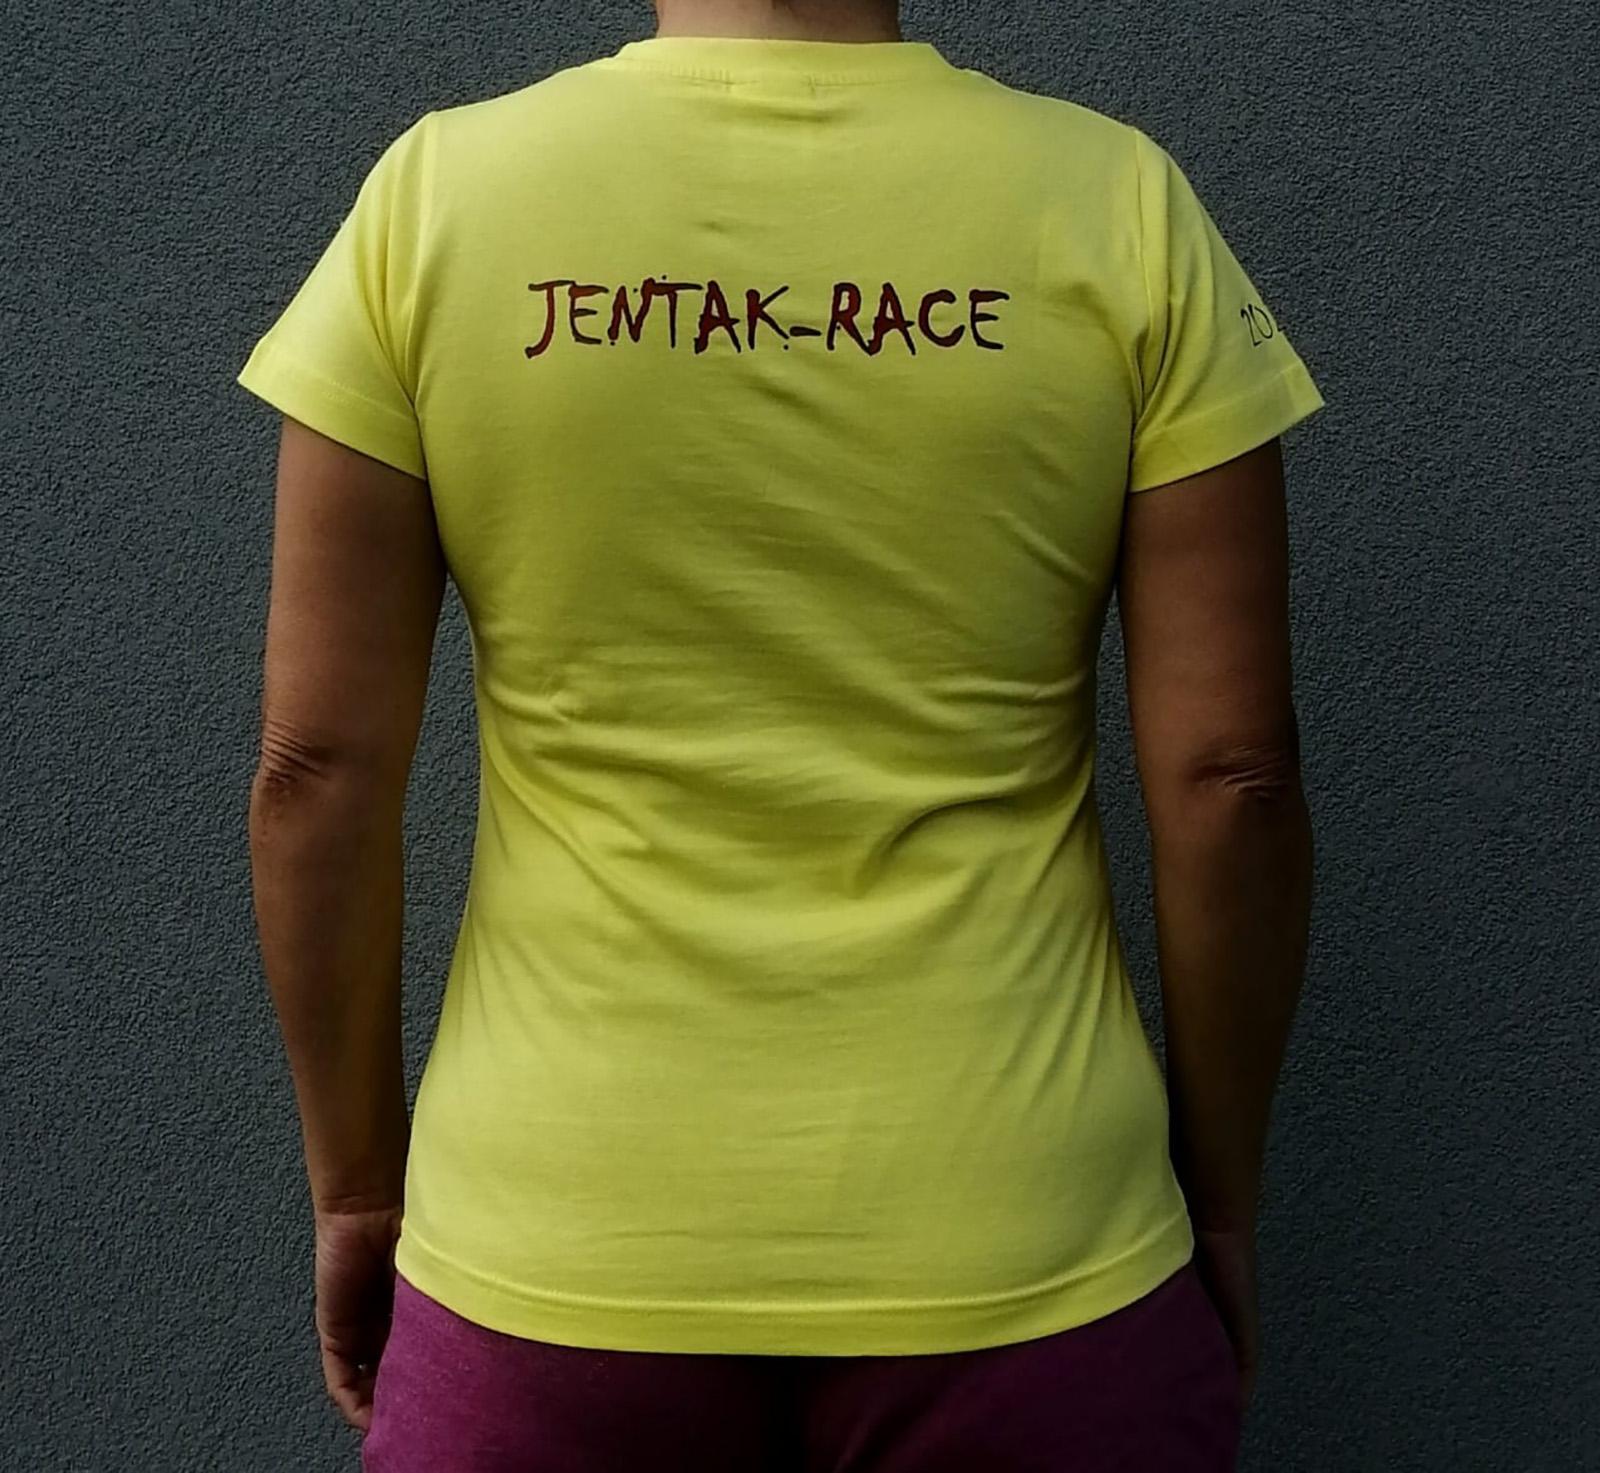 https://jentak-race.cz/wp-content/uploads/2020/08/IMG-20200712-WA0006-1.jpg